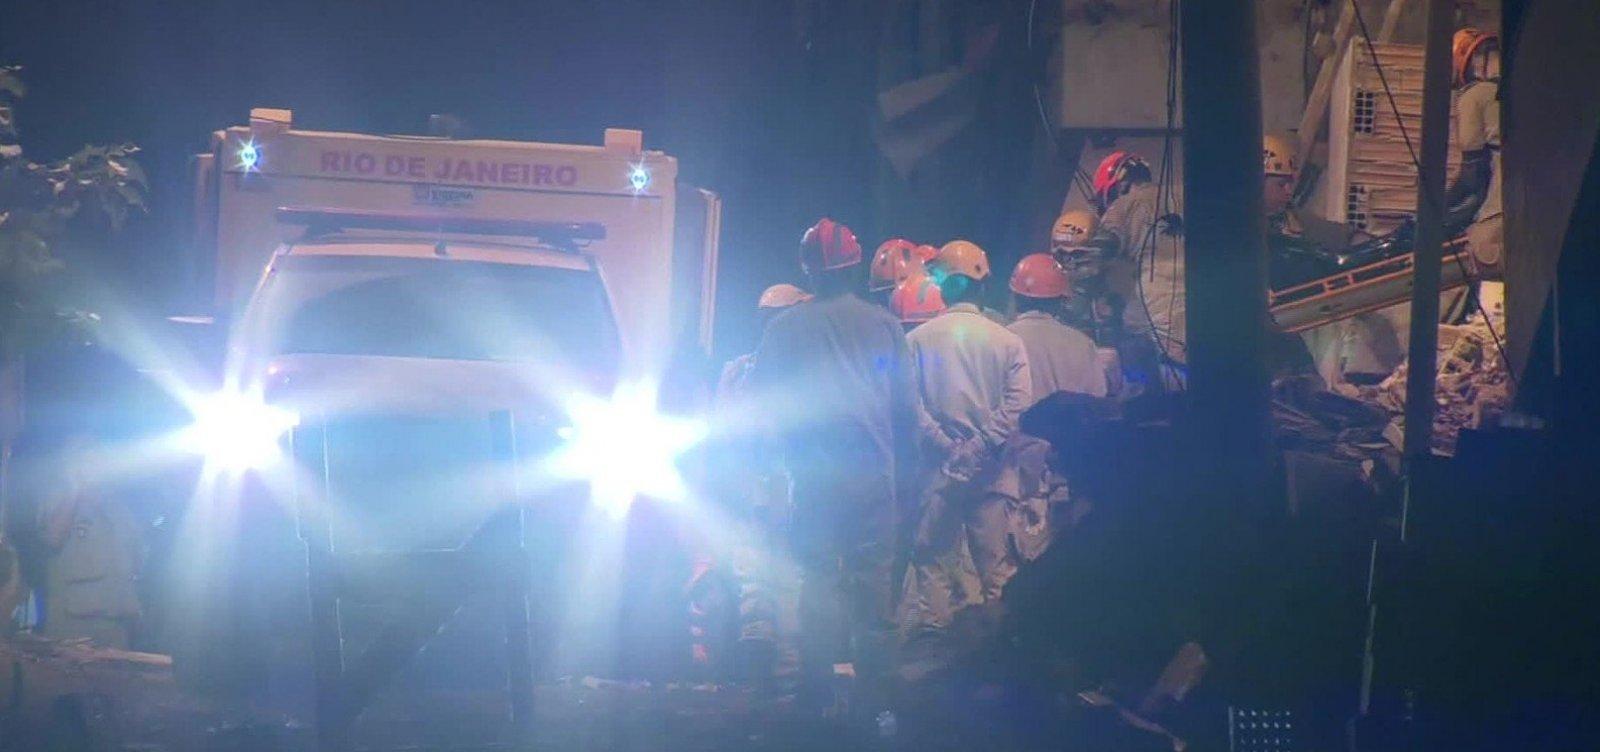 [Sobe para 9 o número de mortos em desabamento no RJ; 15 estão desaparecidos]